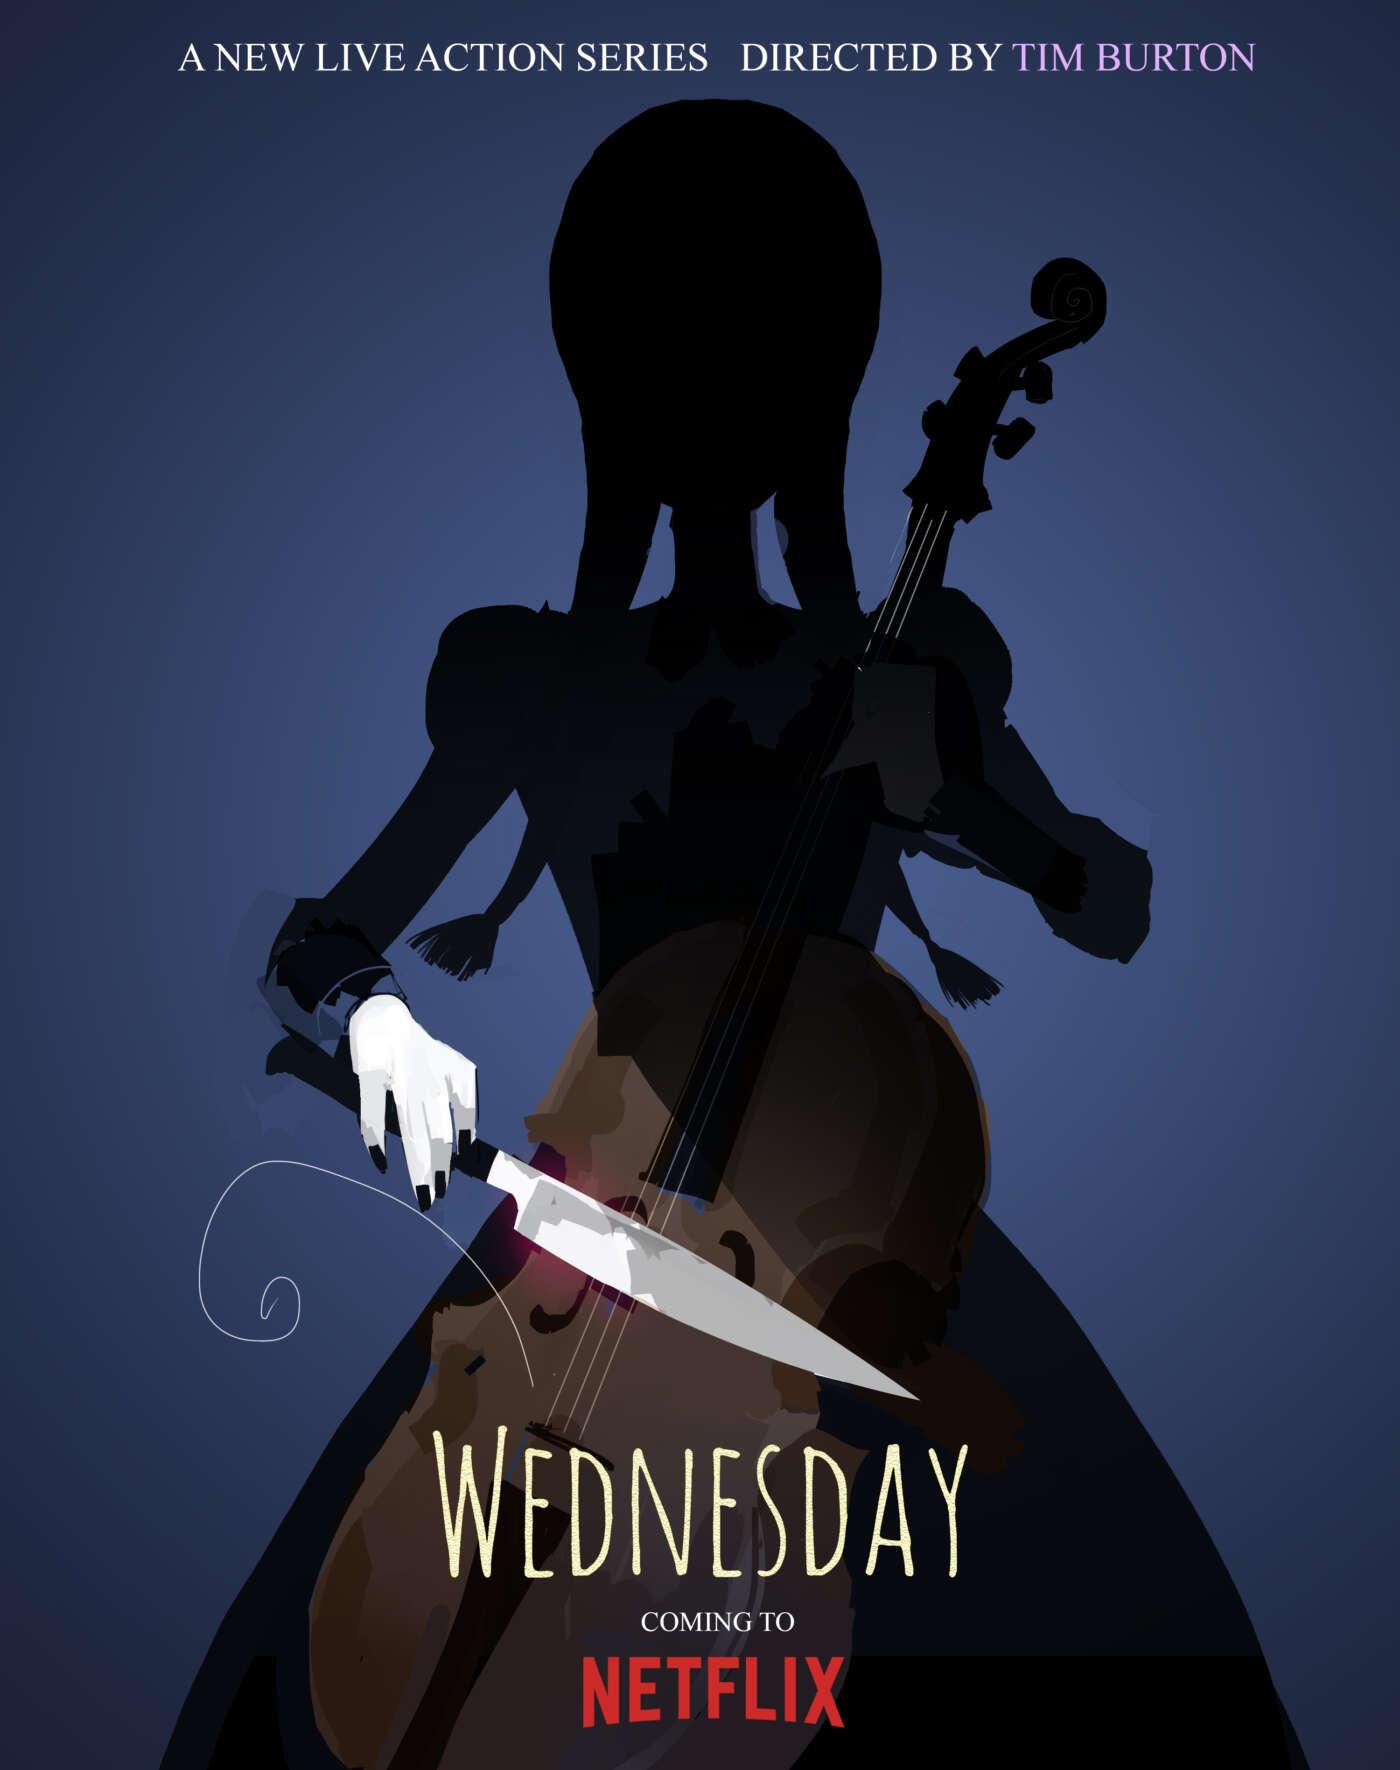 Teaser poster voor Wednesday, een live-action serie van Netflix, geregisseerd door Tim Burton